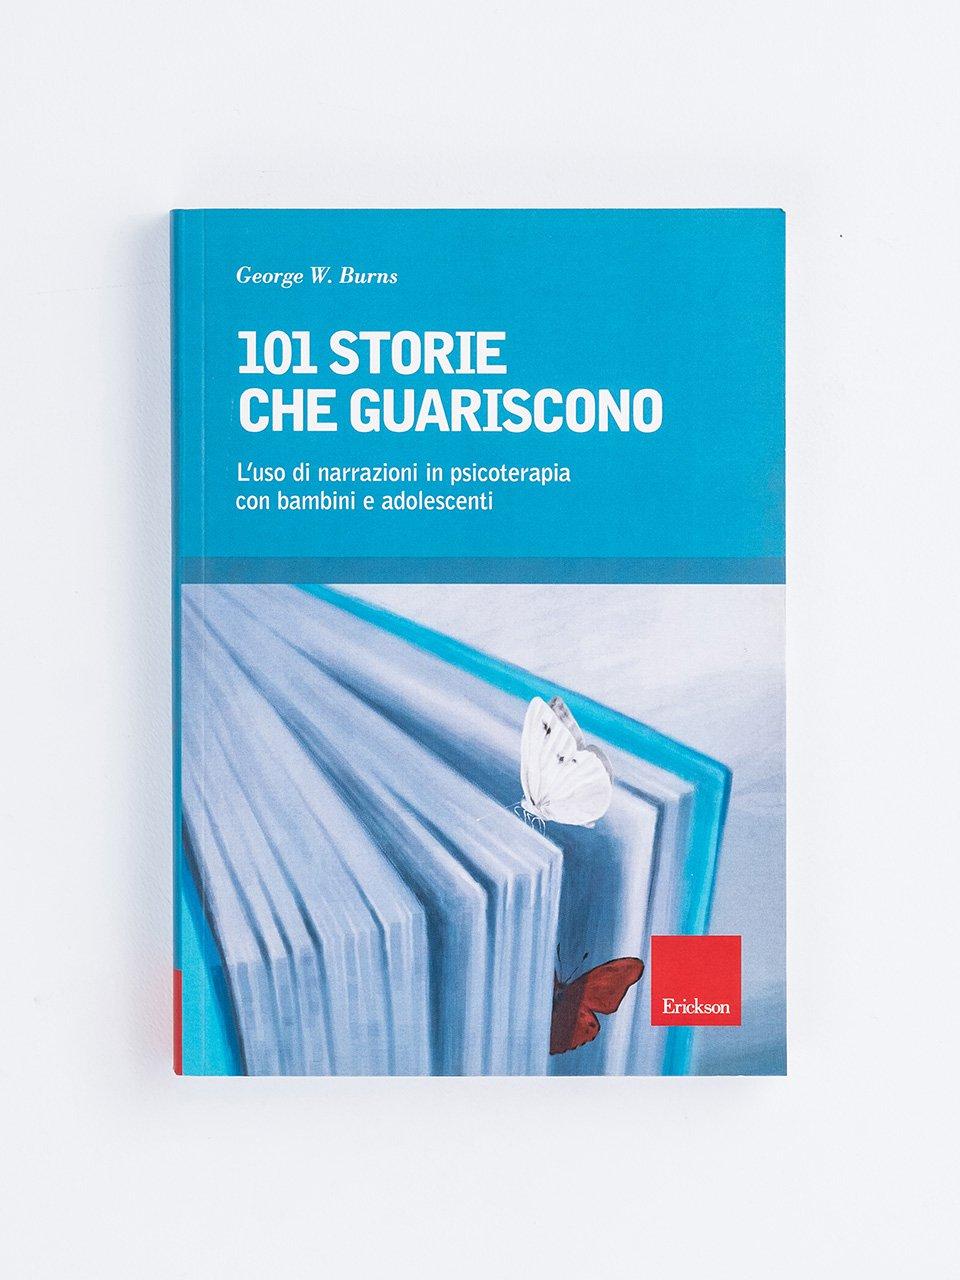 101 storie che guariscono - Psicologia della salute - Libri - Erickson